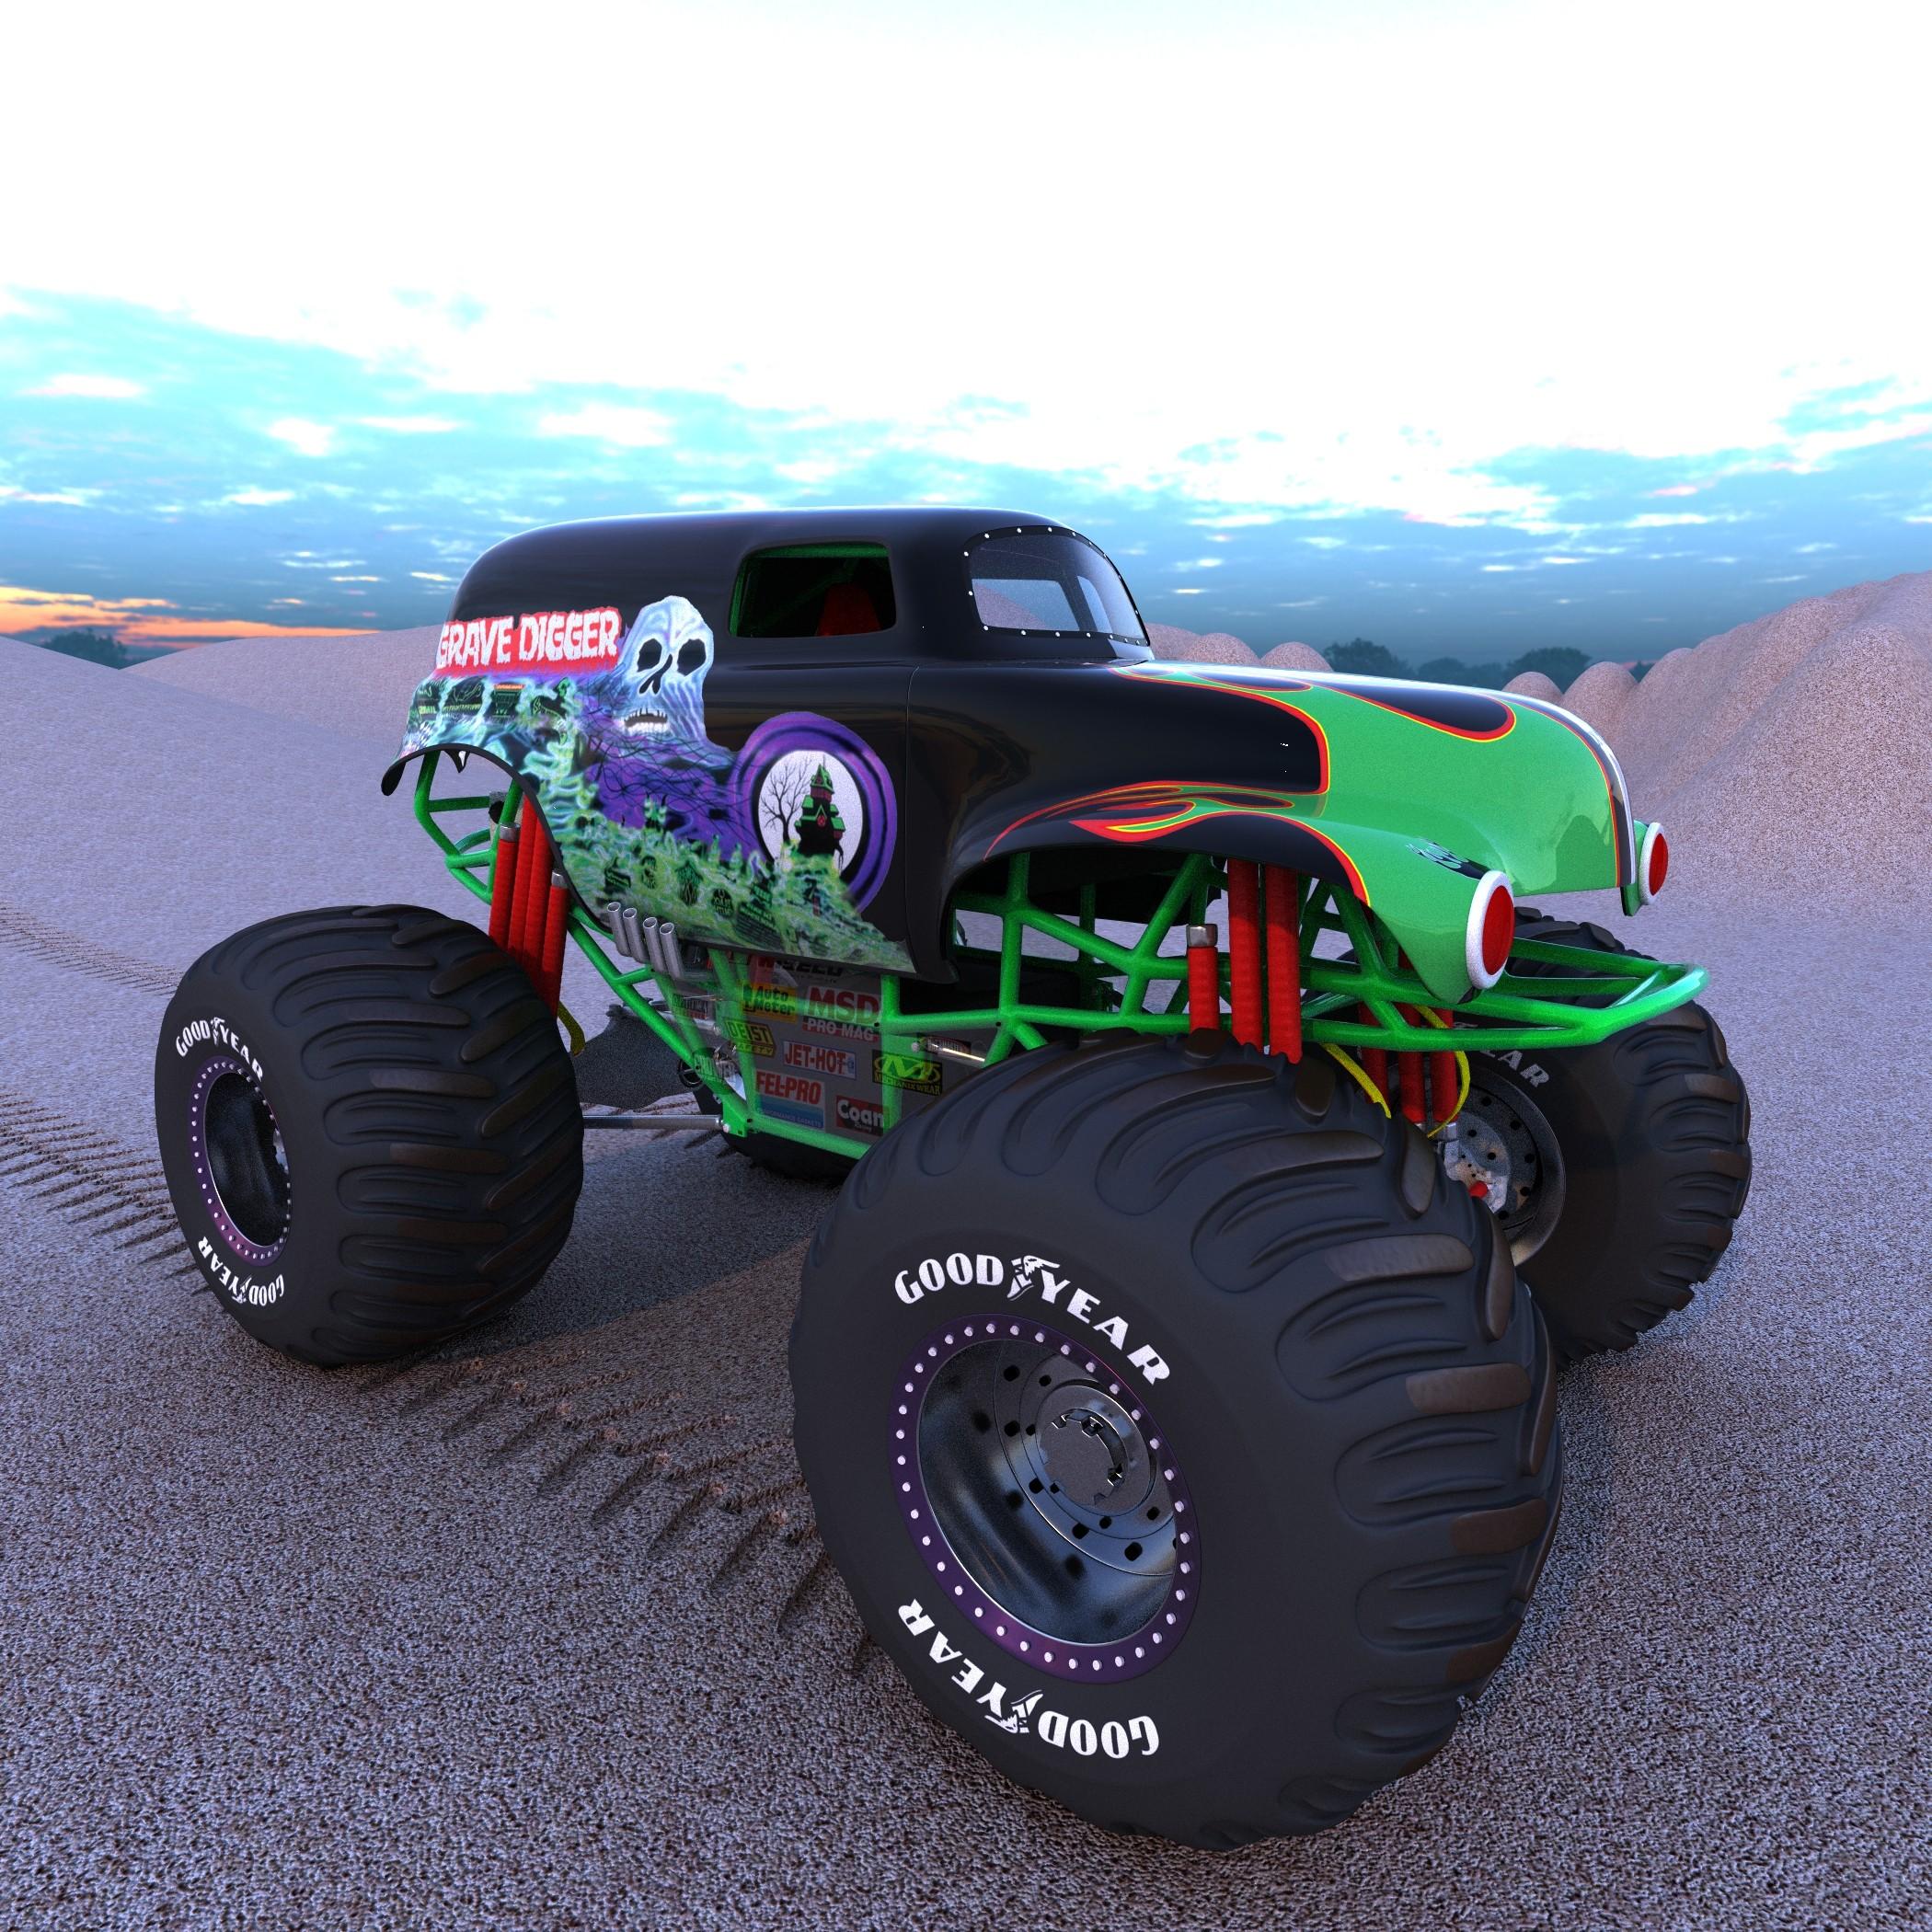 Drawn truck grave digger monster truck 3d digger truck model truck